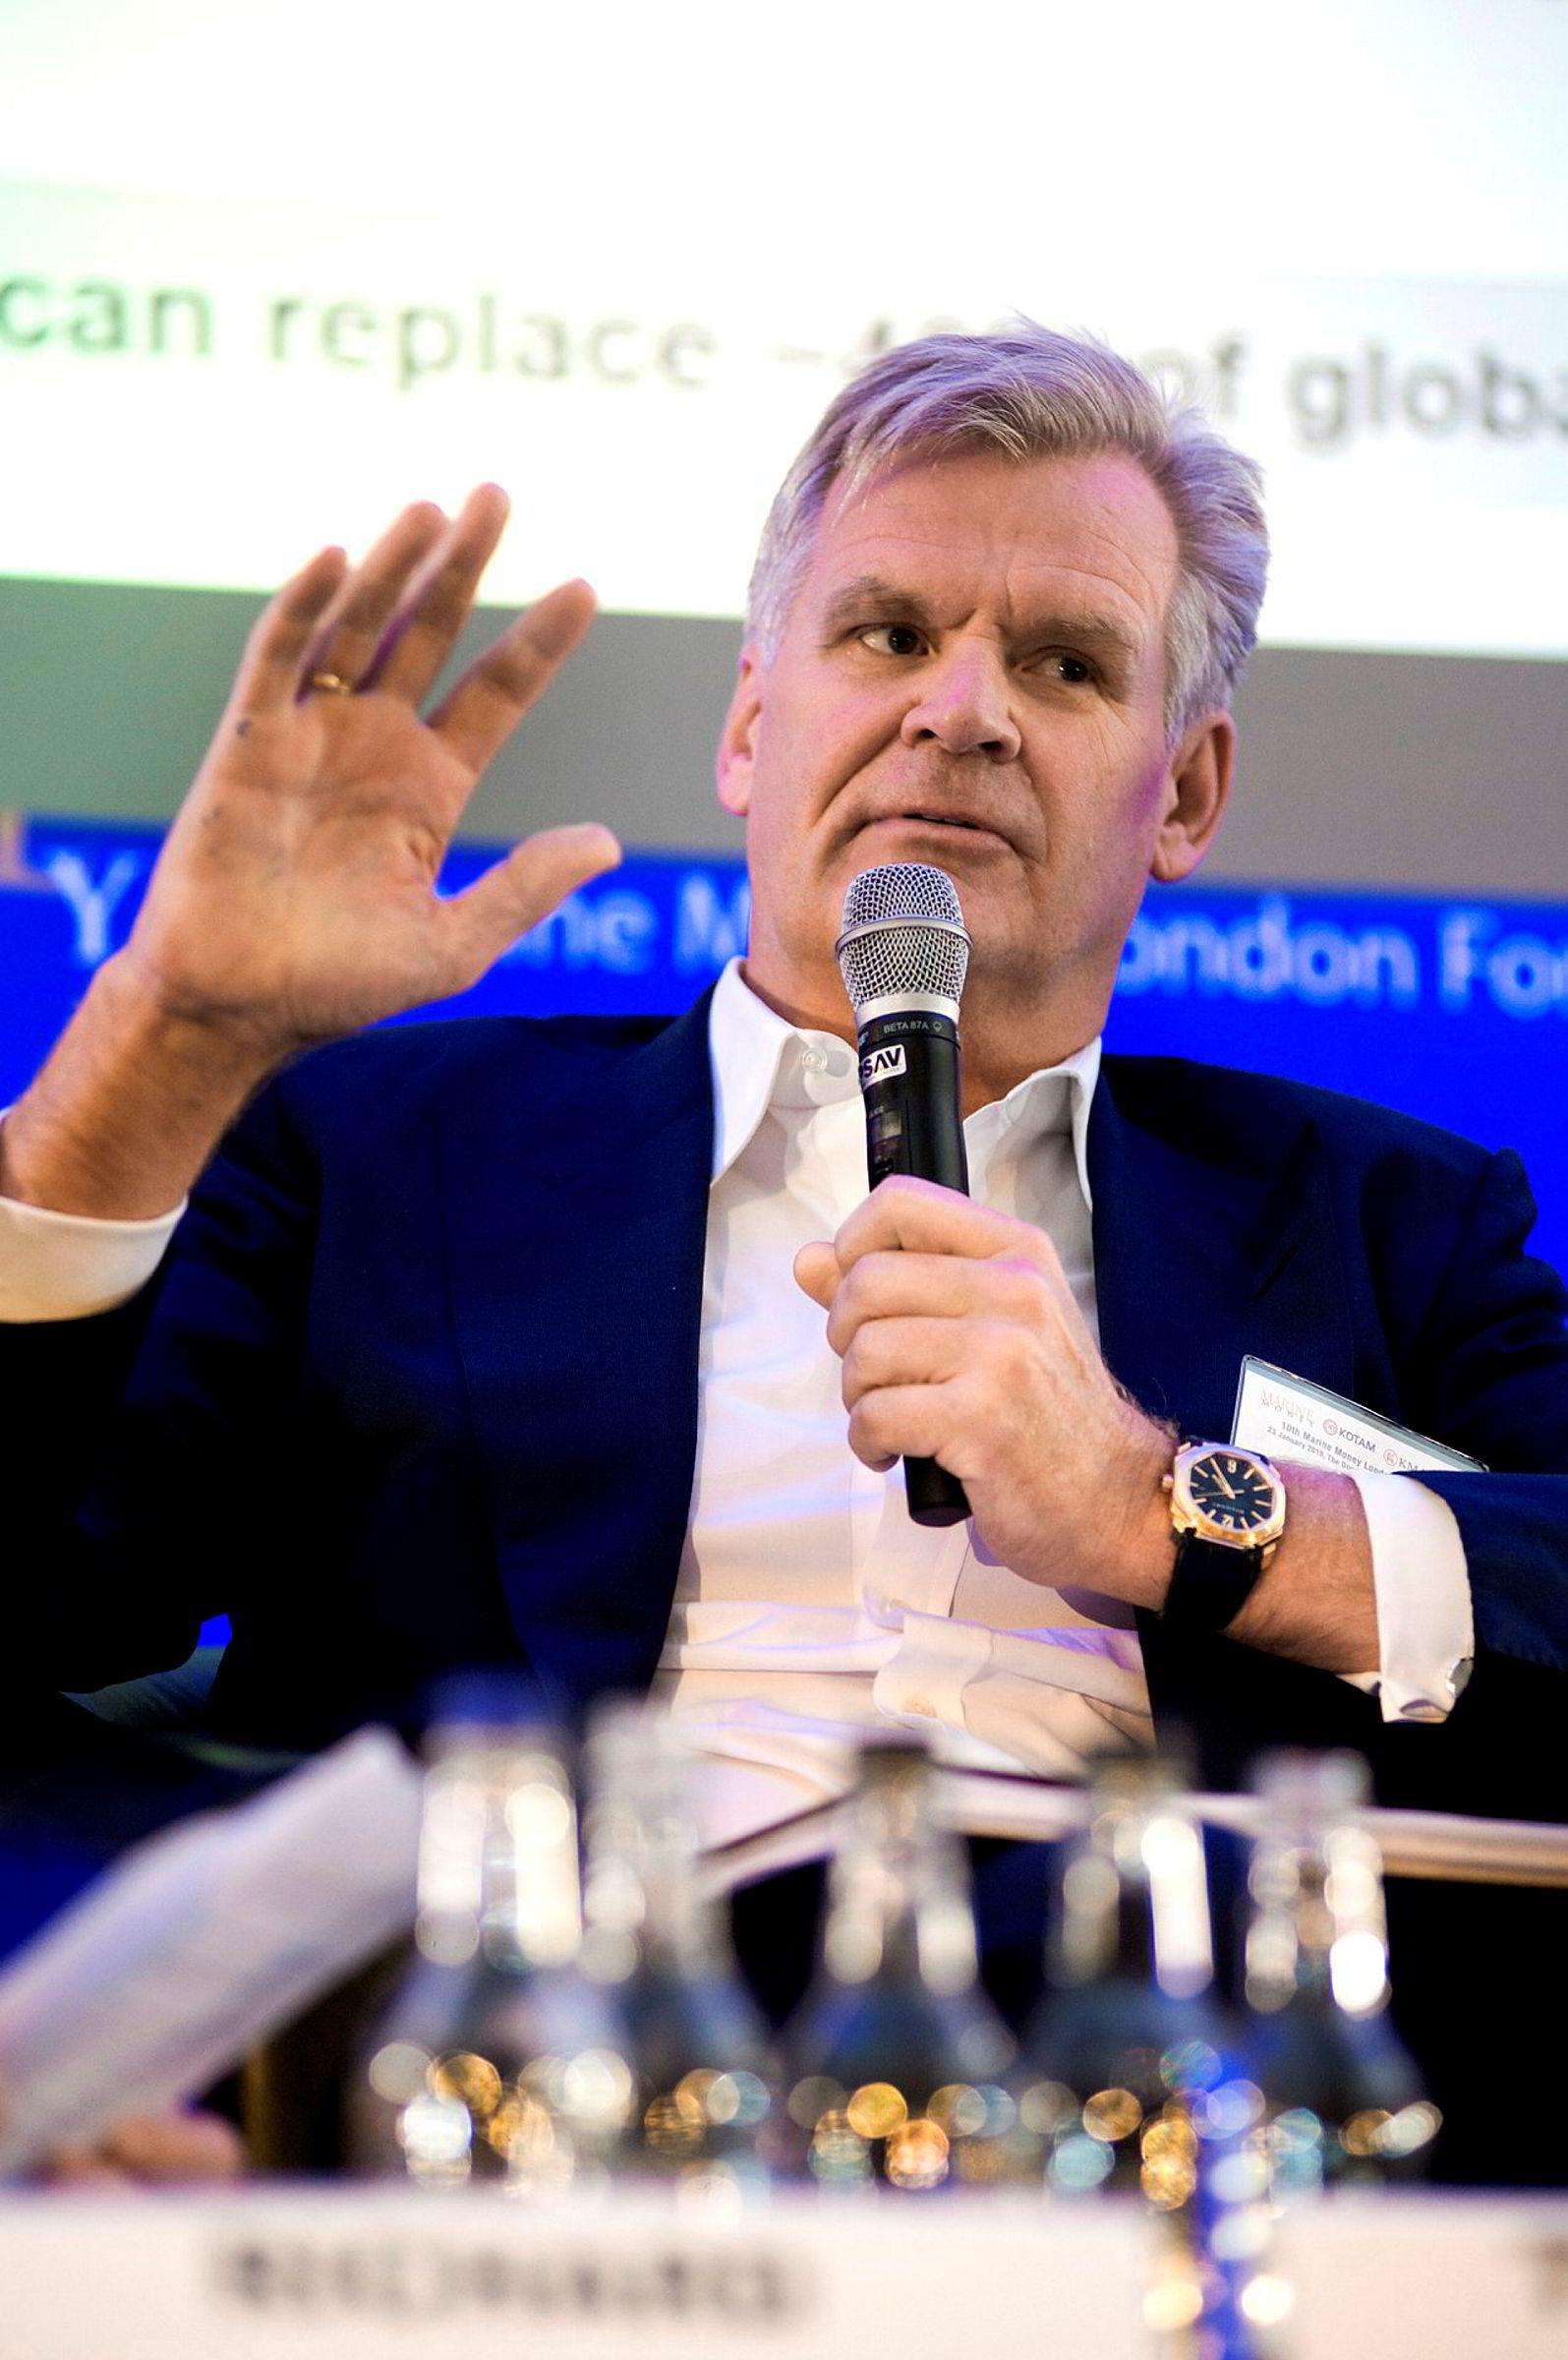 – Vi er glade for at Kibsgaard vil gå inn i styret til Borr Drilling, sier Tor Olav Trøim i en kommentar.